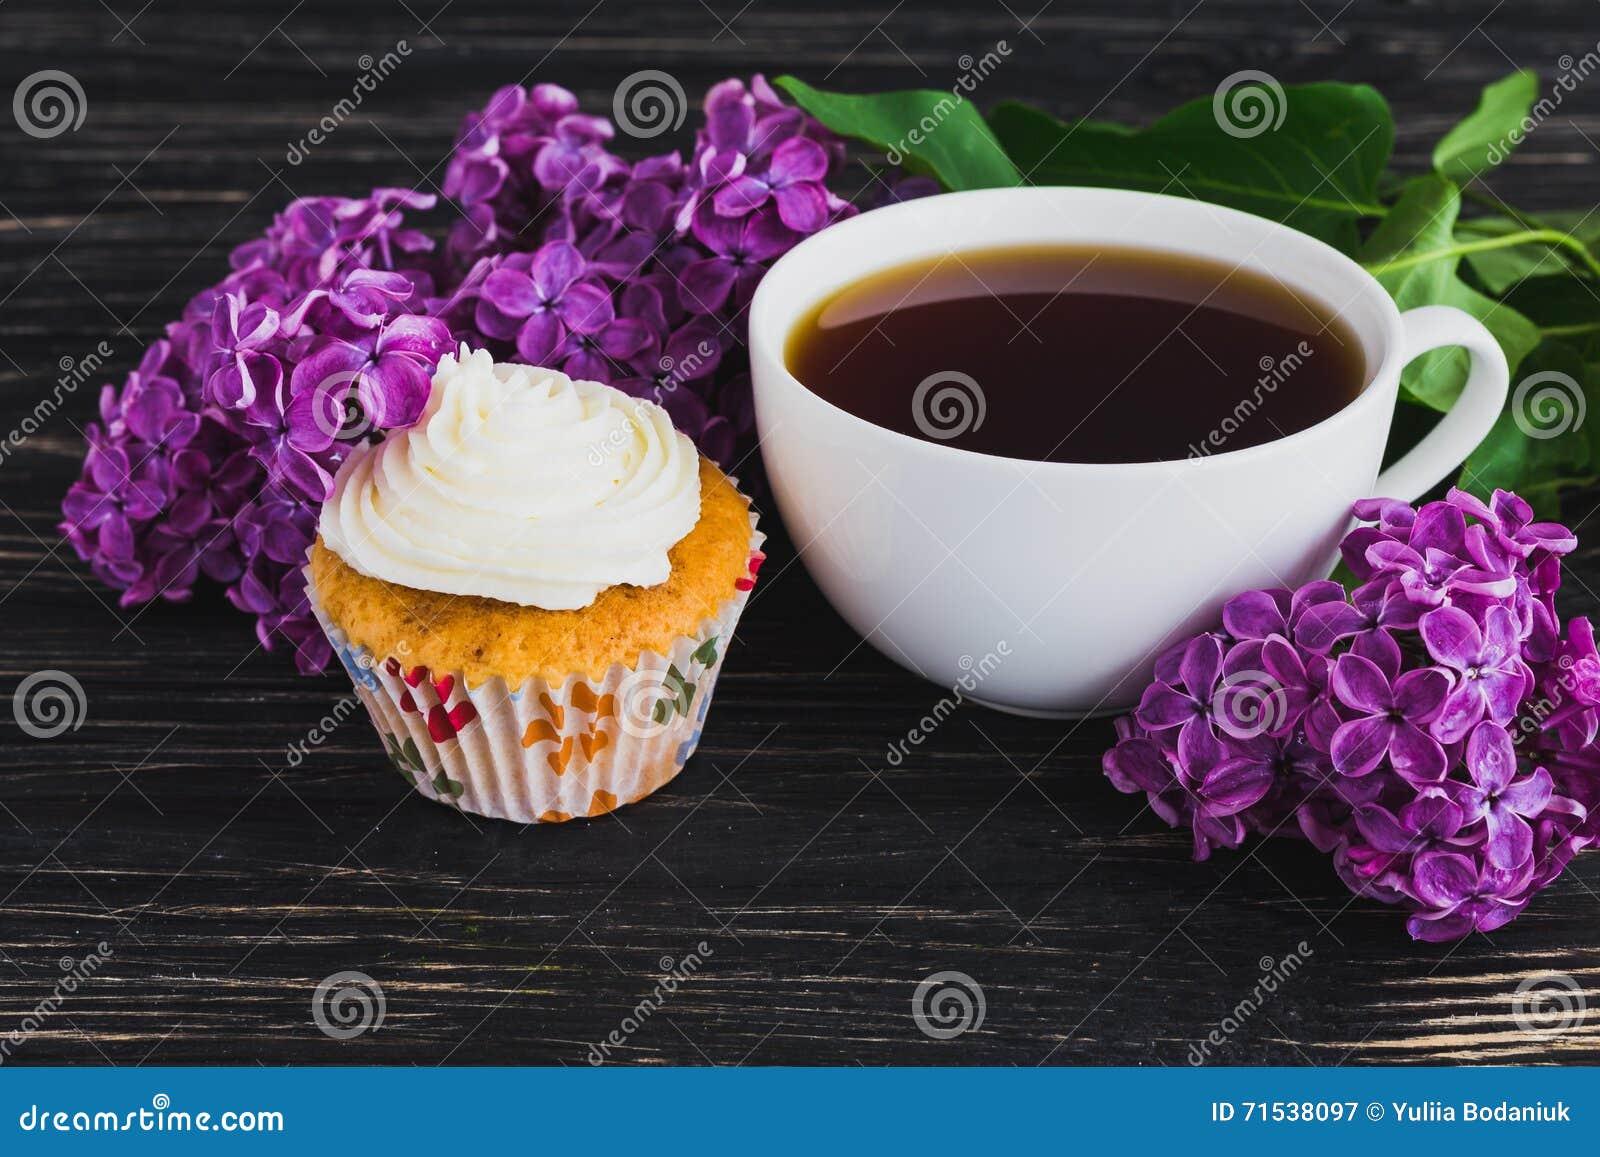 kleine kuchen mit sahne kaffee und blumen stockfoto bild 71538097. Black Bedroom Furniture Sets. Home Design Ideas